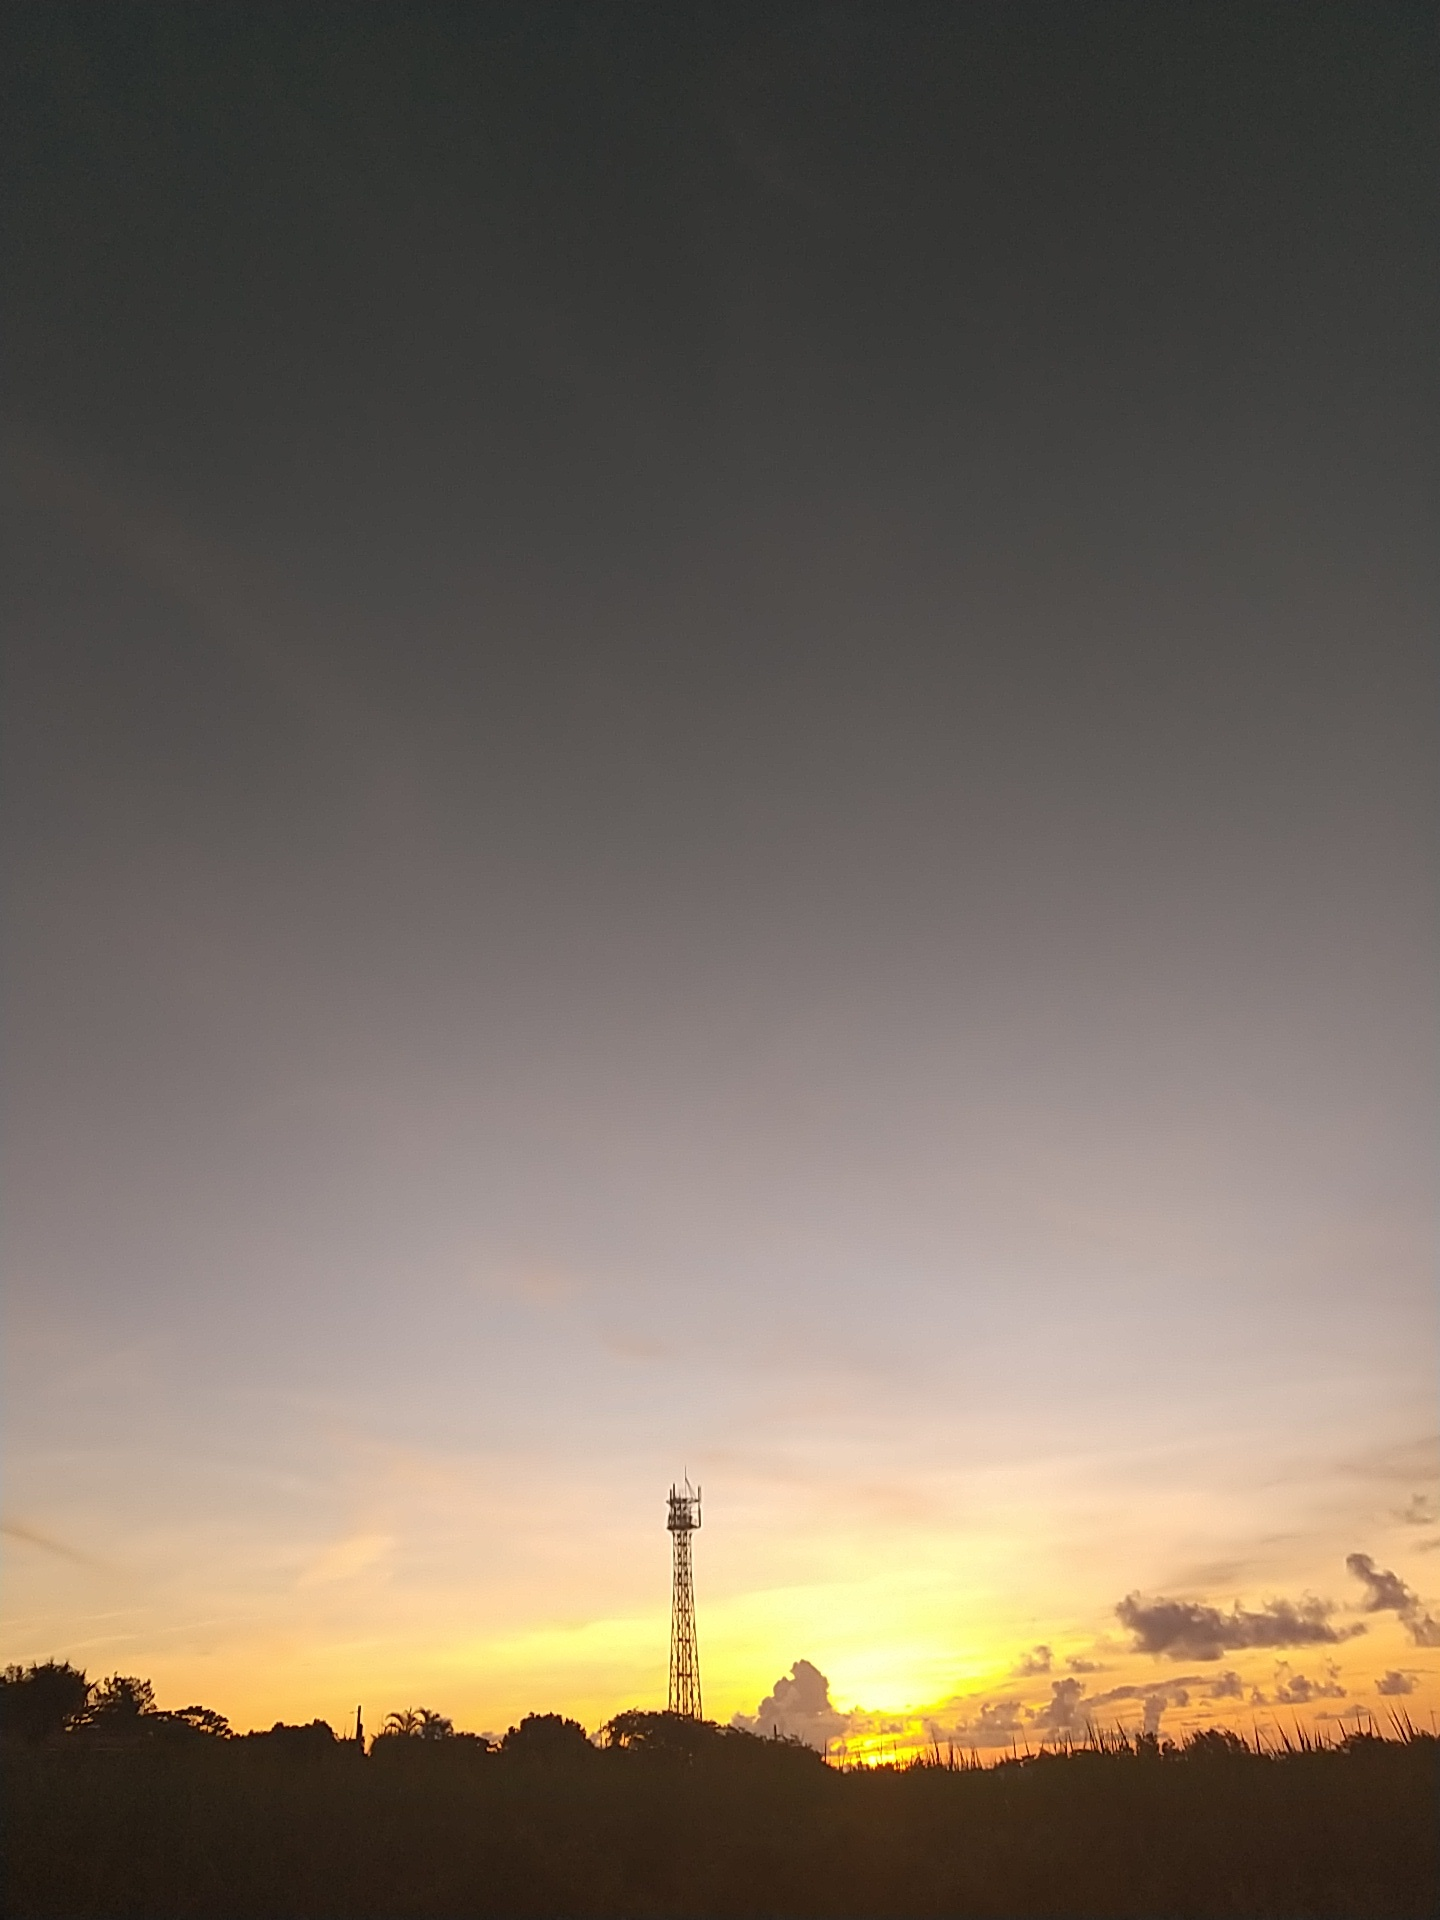 やさしい朝焼け。_e0251855_06353382.jpg